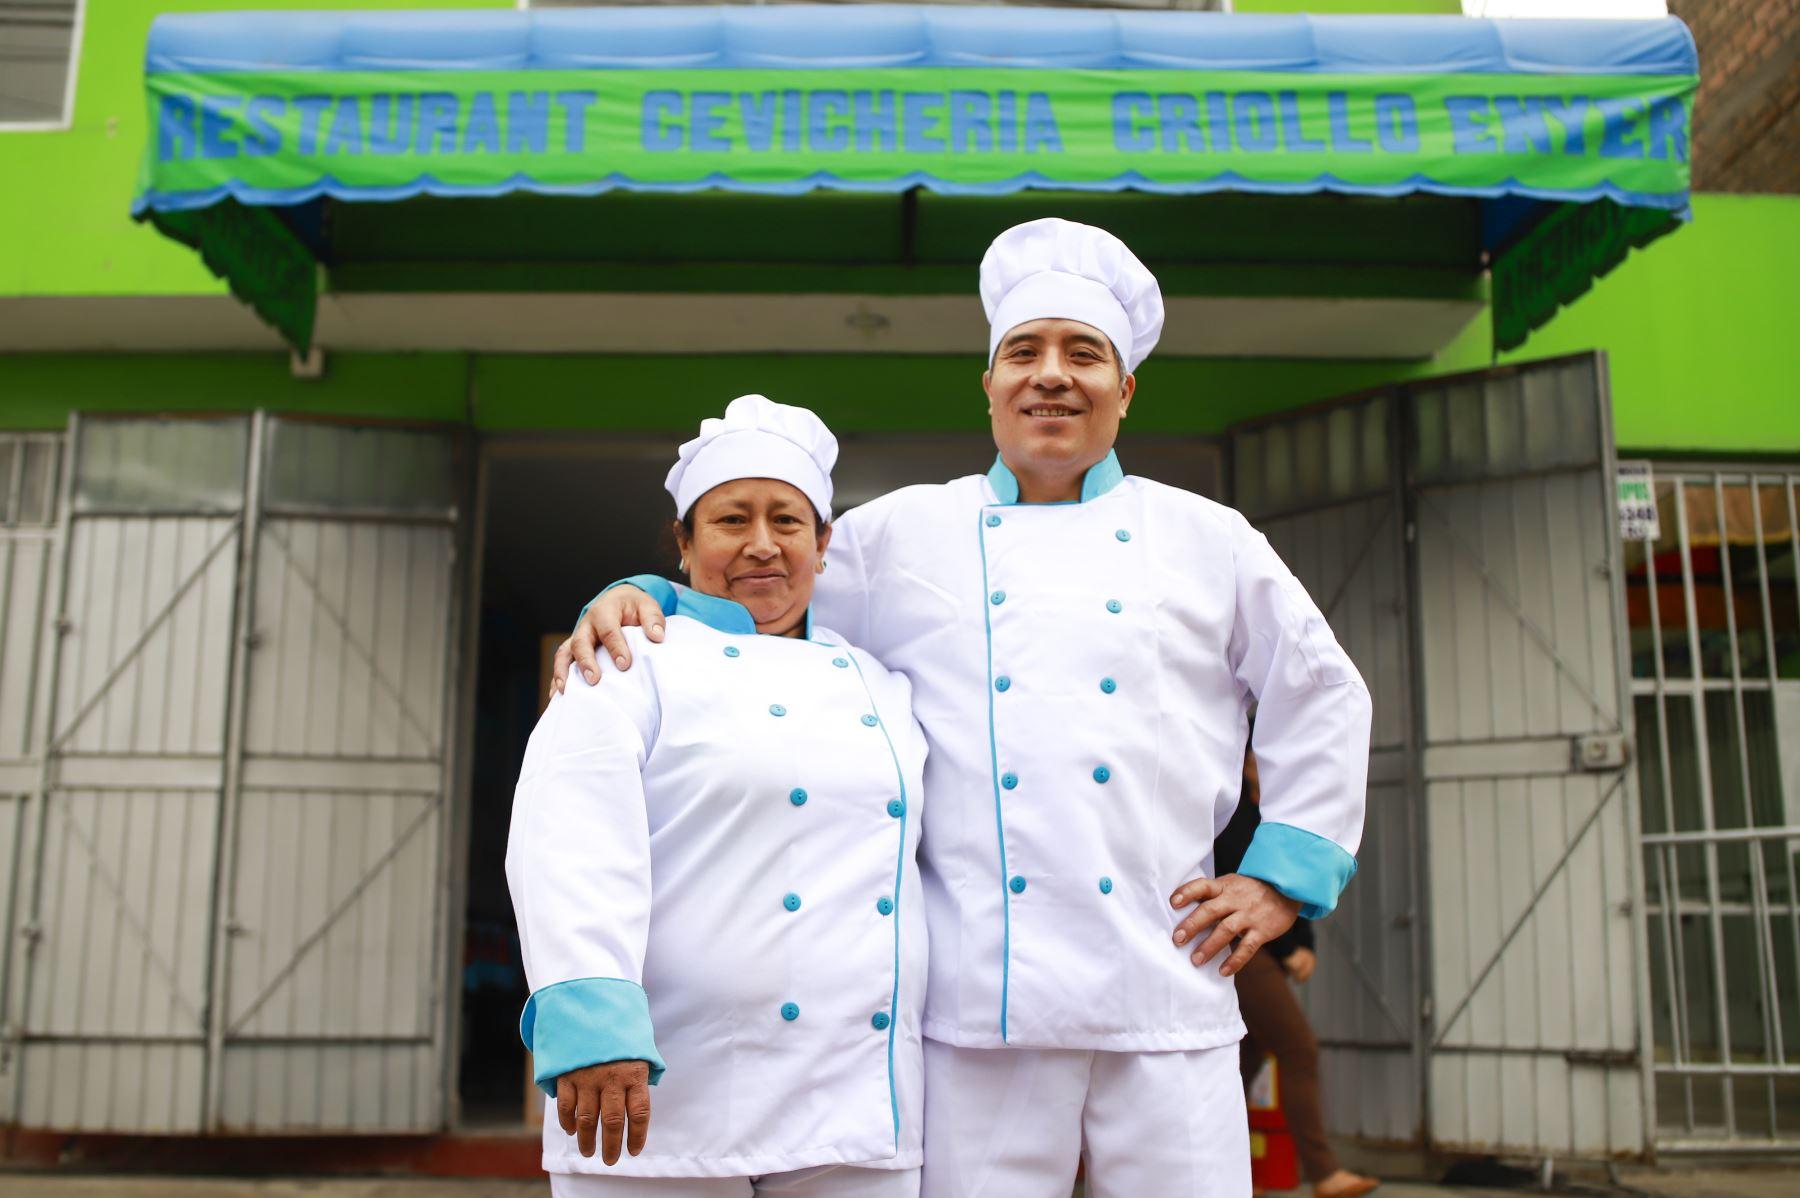 Amador Robles y Ernestina Santos son los beneficiarios 900 mil de la masificación del Gas Natural en Lima y Callao, que ahora acceden a un combustible económico, seguro y amigable con el ambiente. Foto: ANDINA/ Prensa Presidencia